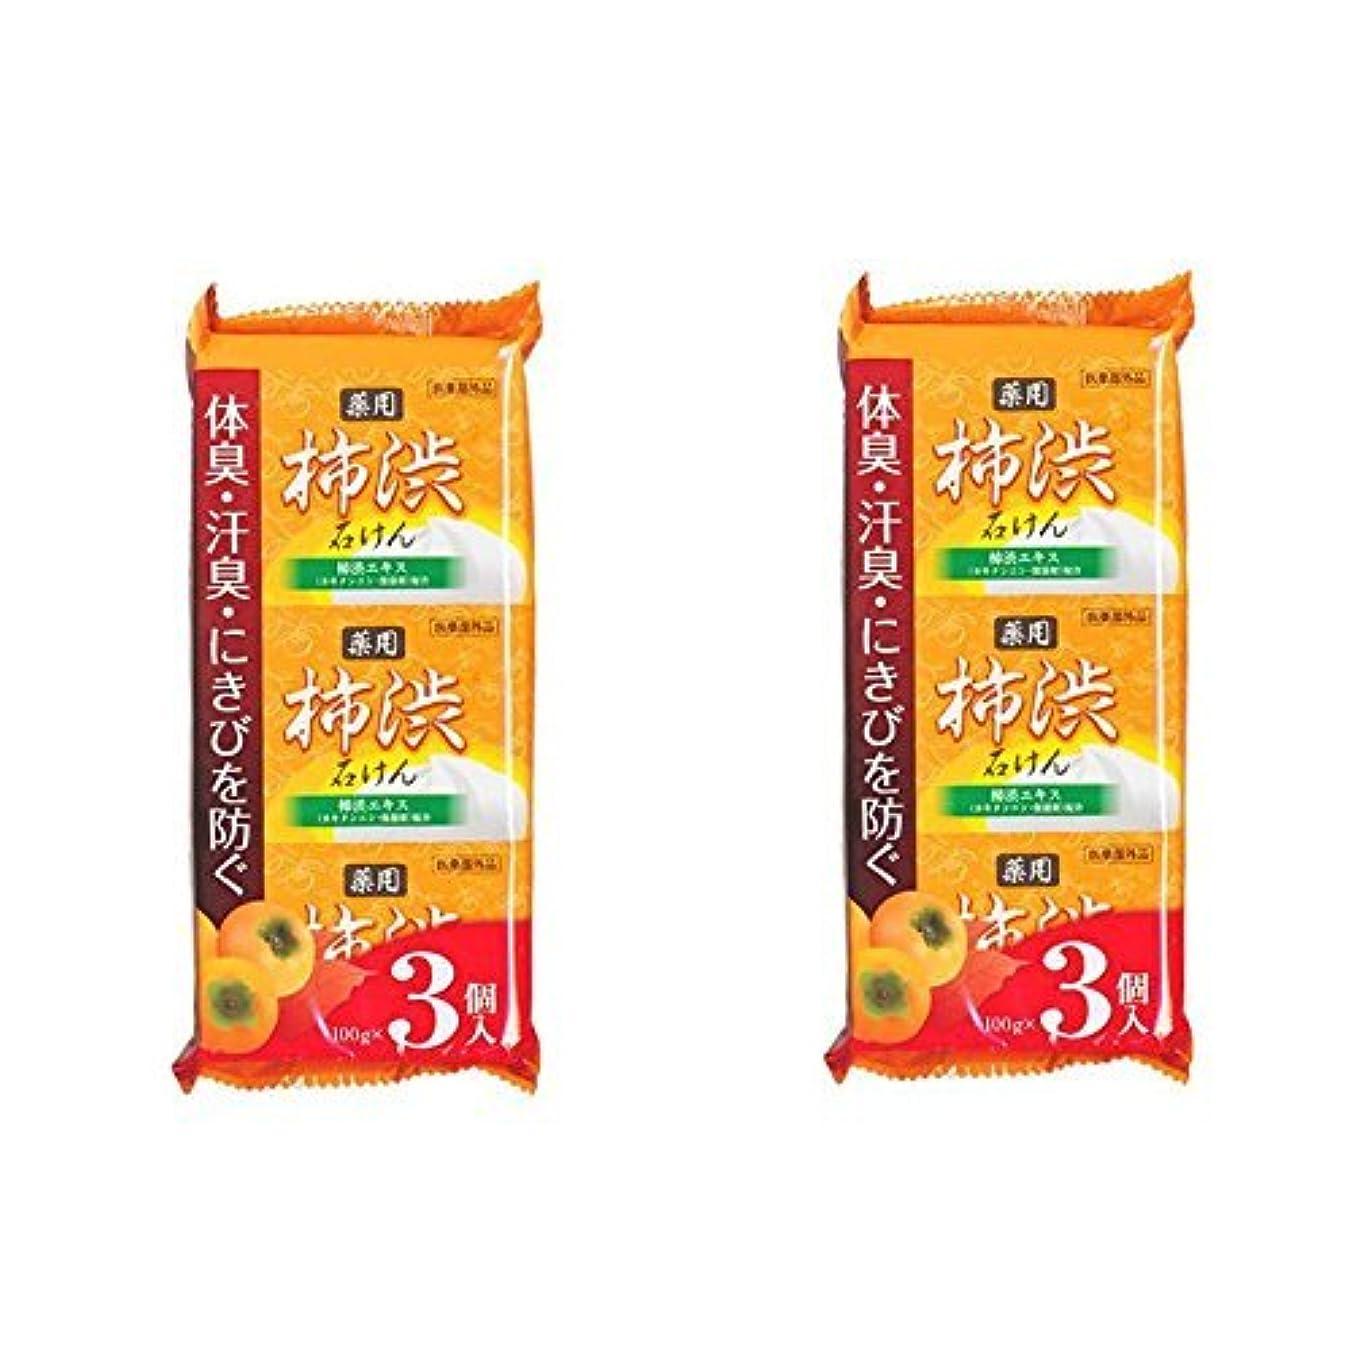 柿渋石鹸 100g×6個セット(3個入り×2袋) 柿渋エキス カキタンニン?保湿剤配合